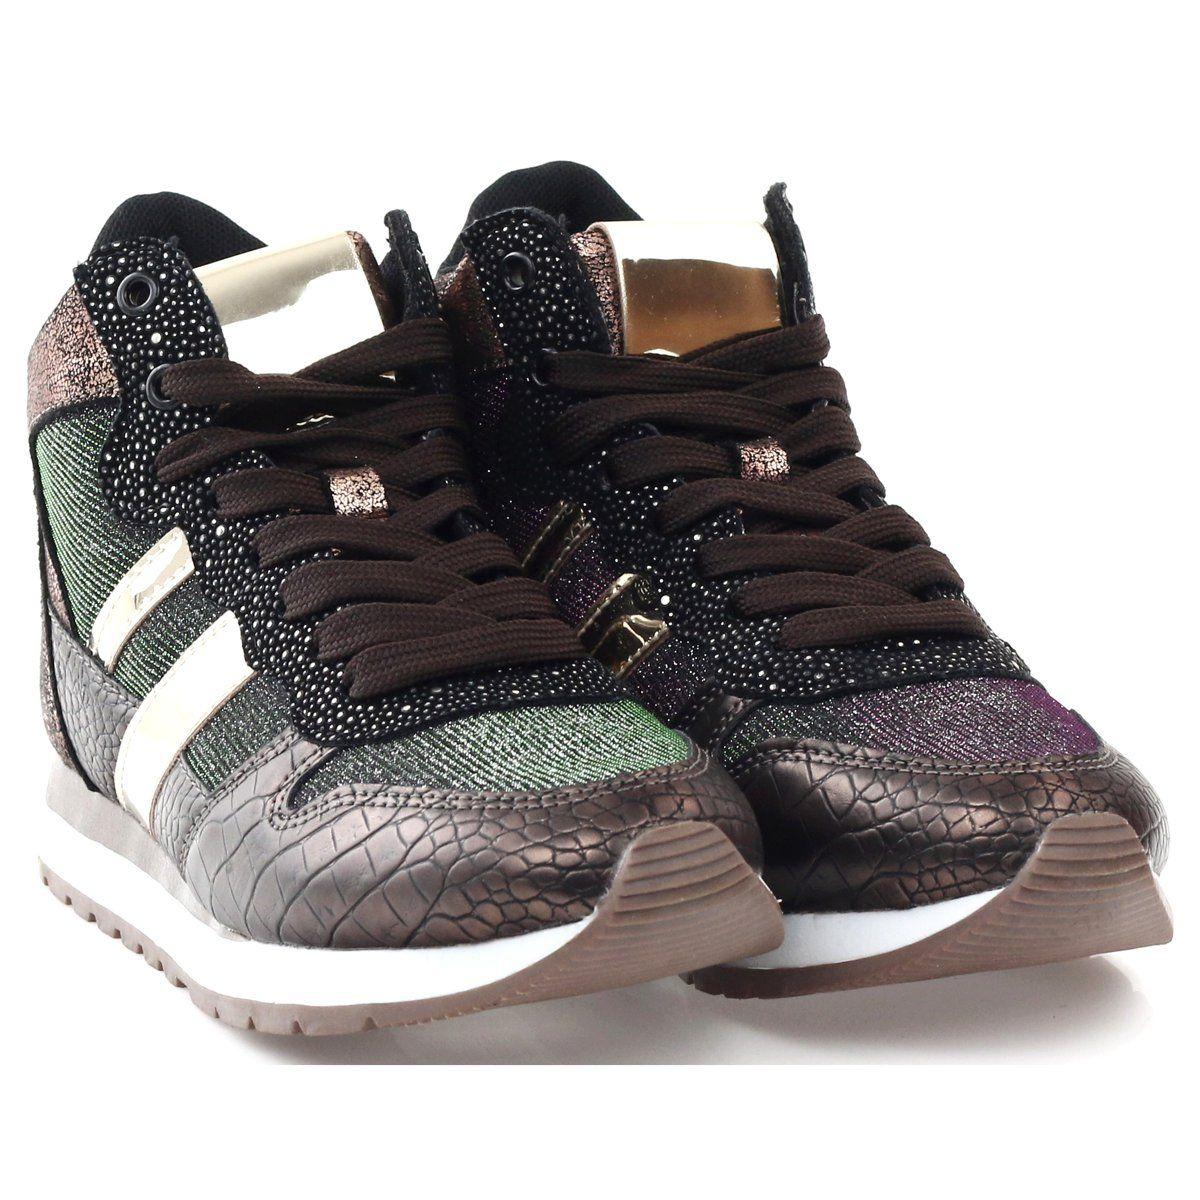 Mcarthur Buty Sportowe Bezowy Miedziane Wielokolorowe Zloty Shoes Sneakers Fashion